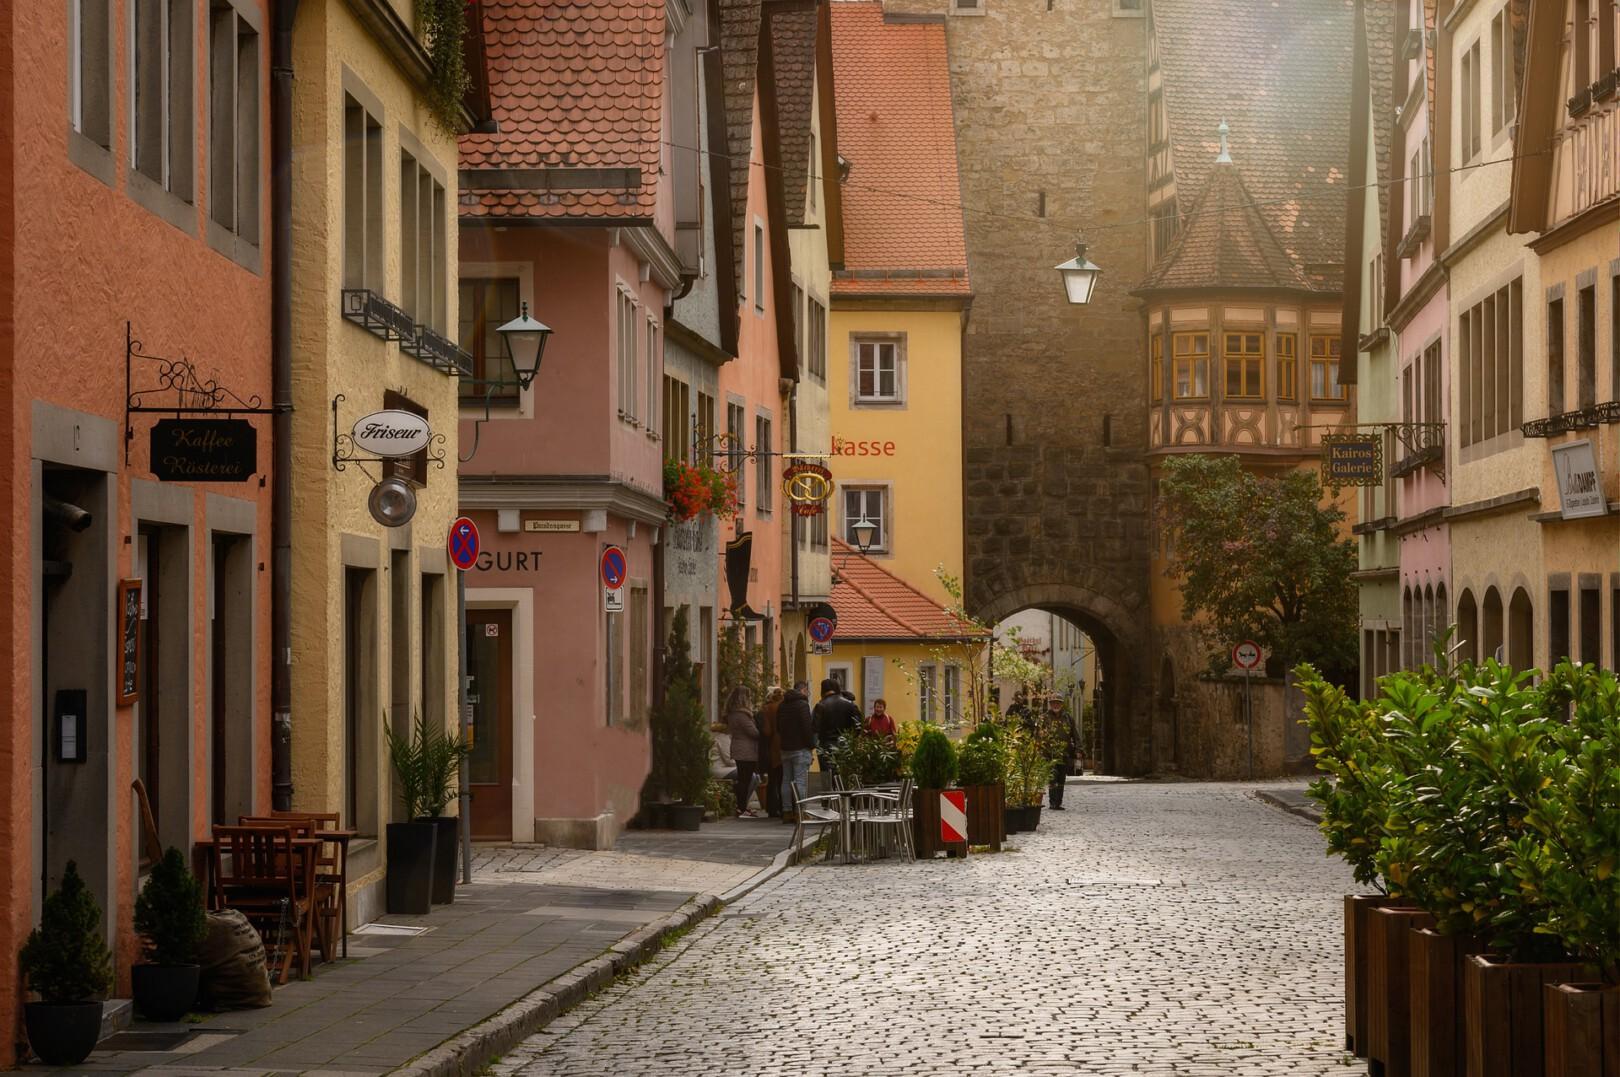 historic center 4574172 1920 - Dit zijn de 12 leukste dorpjes en kleine stadjes in Duitsland om te bezoeken!